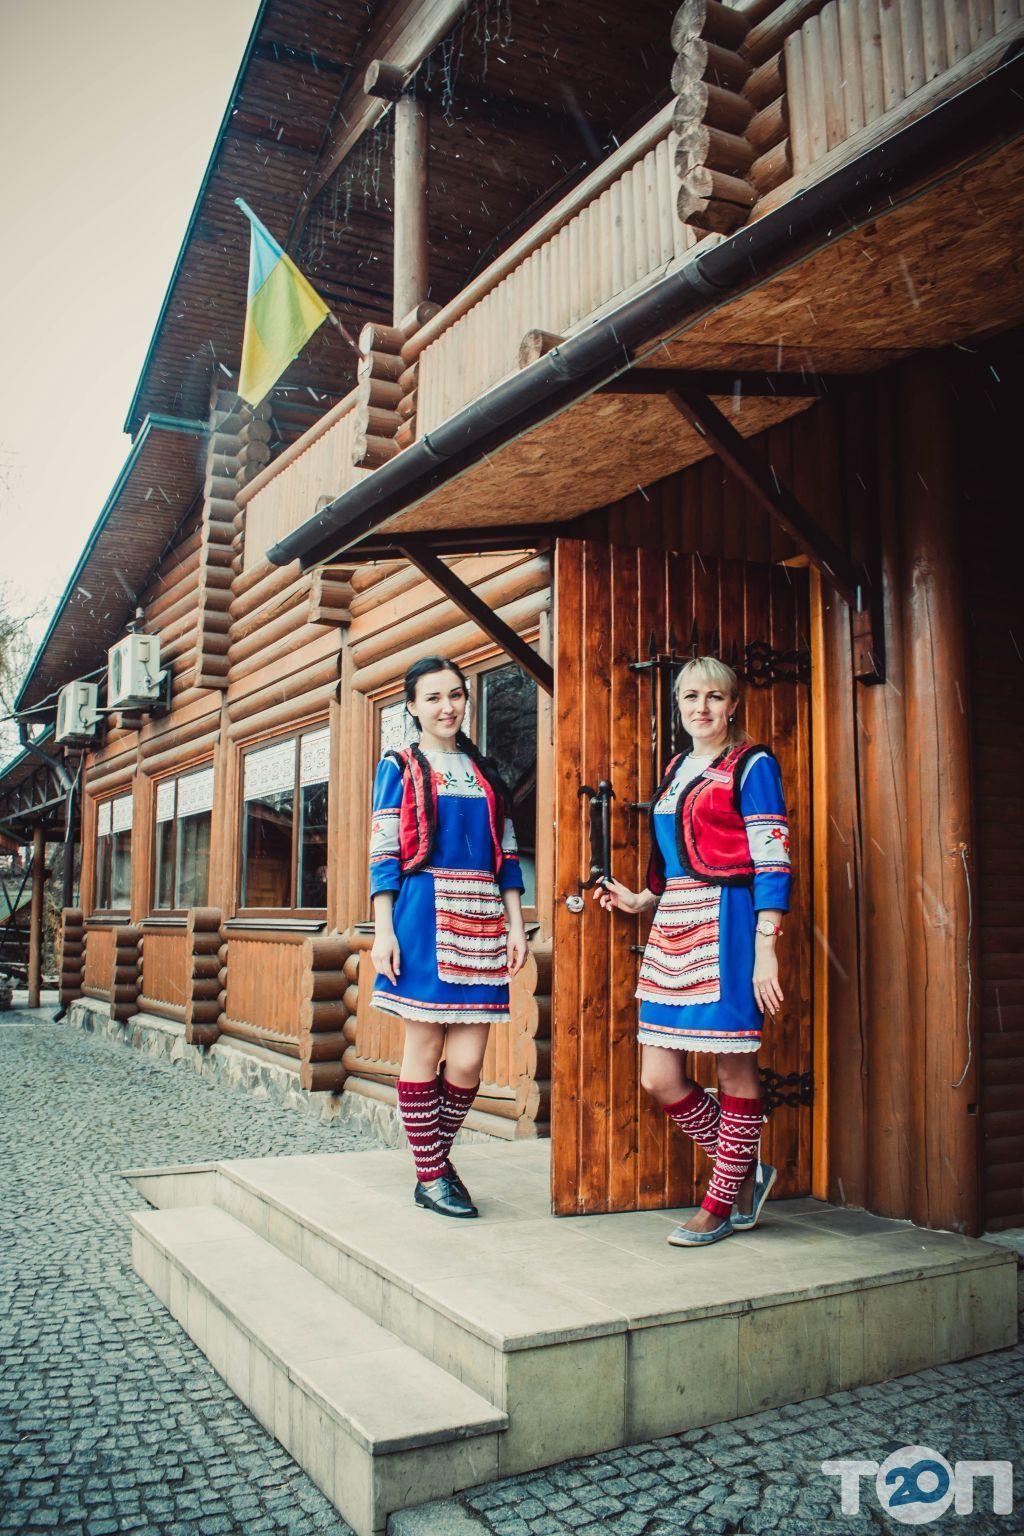 Солоха, ресторан украинской кухни - фото 1